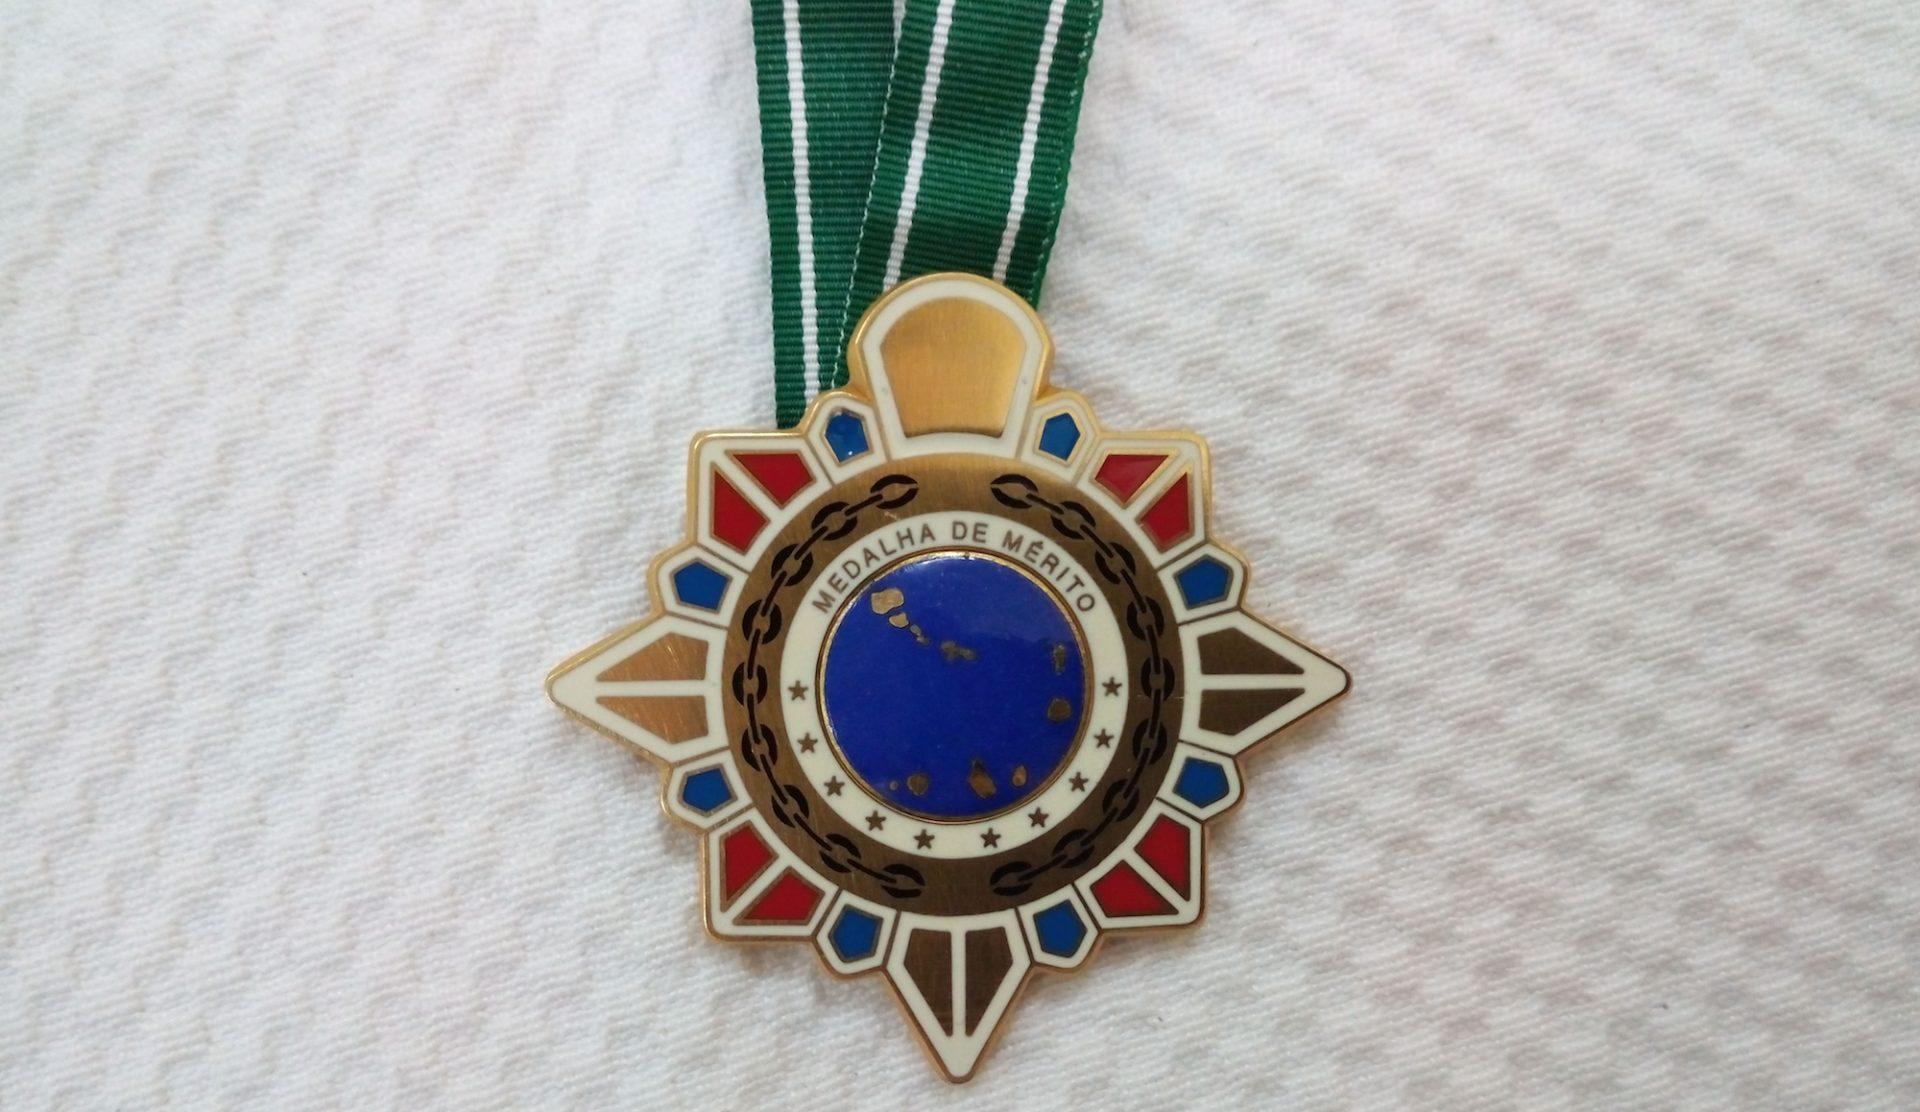 Medalha pL